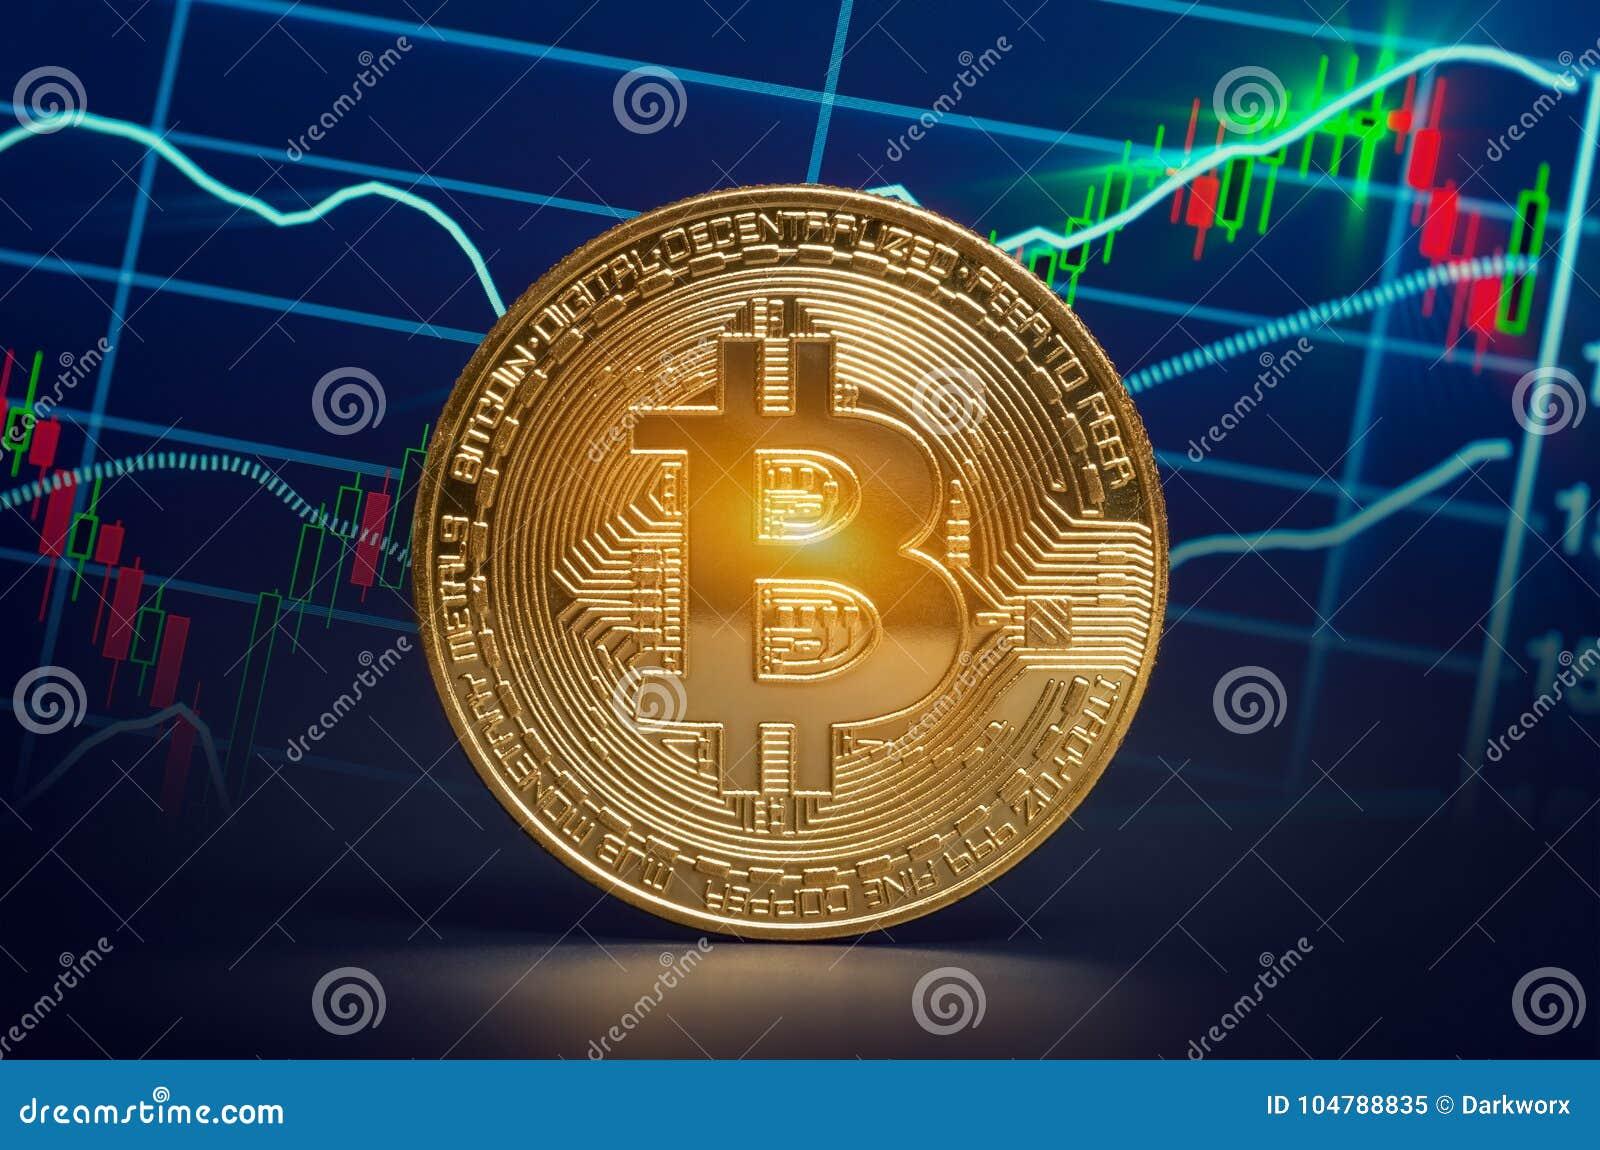 Bitcoin brilhante macro e carta de troca dos dados do mercado cripta virtual